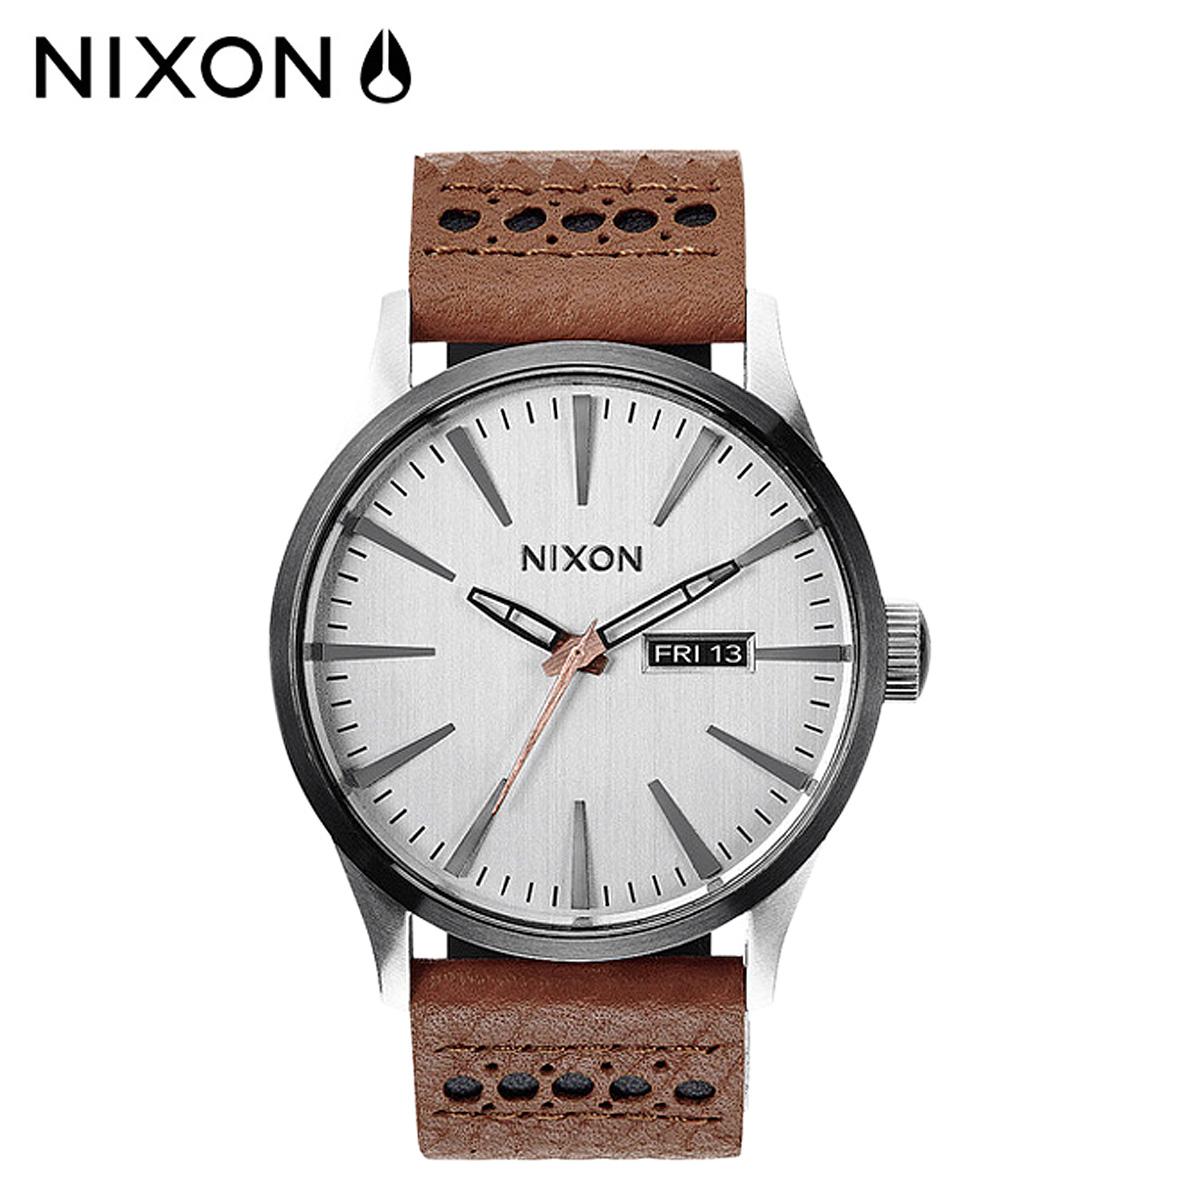 ニクソン NIXON 腕時計 時計 42mm A105 SENTRY LEATHER メンズ